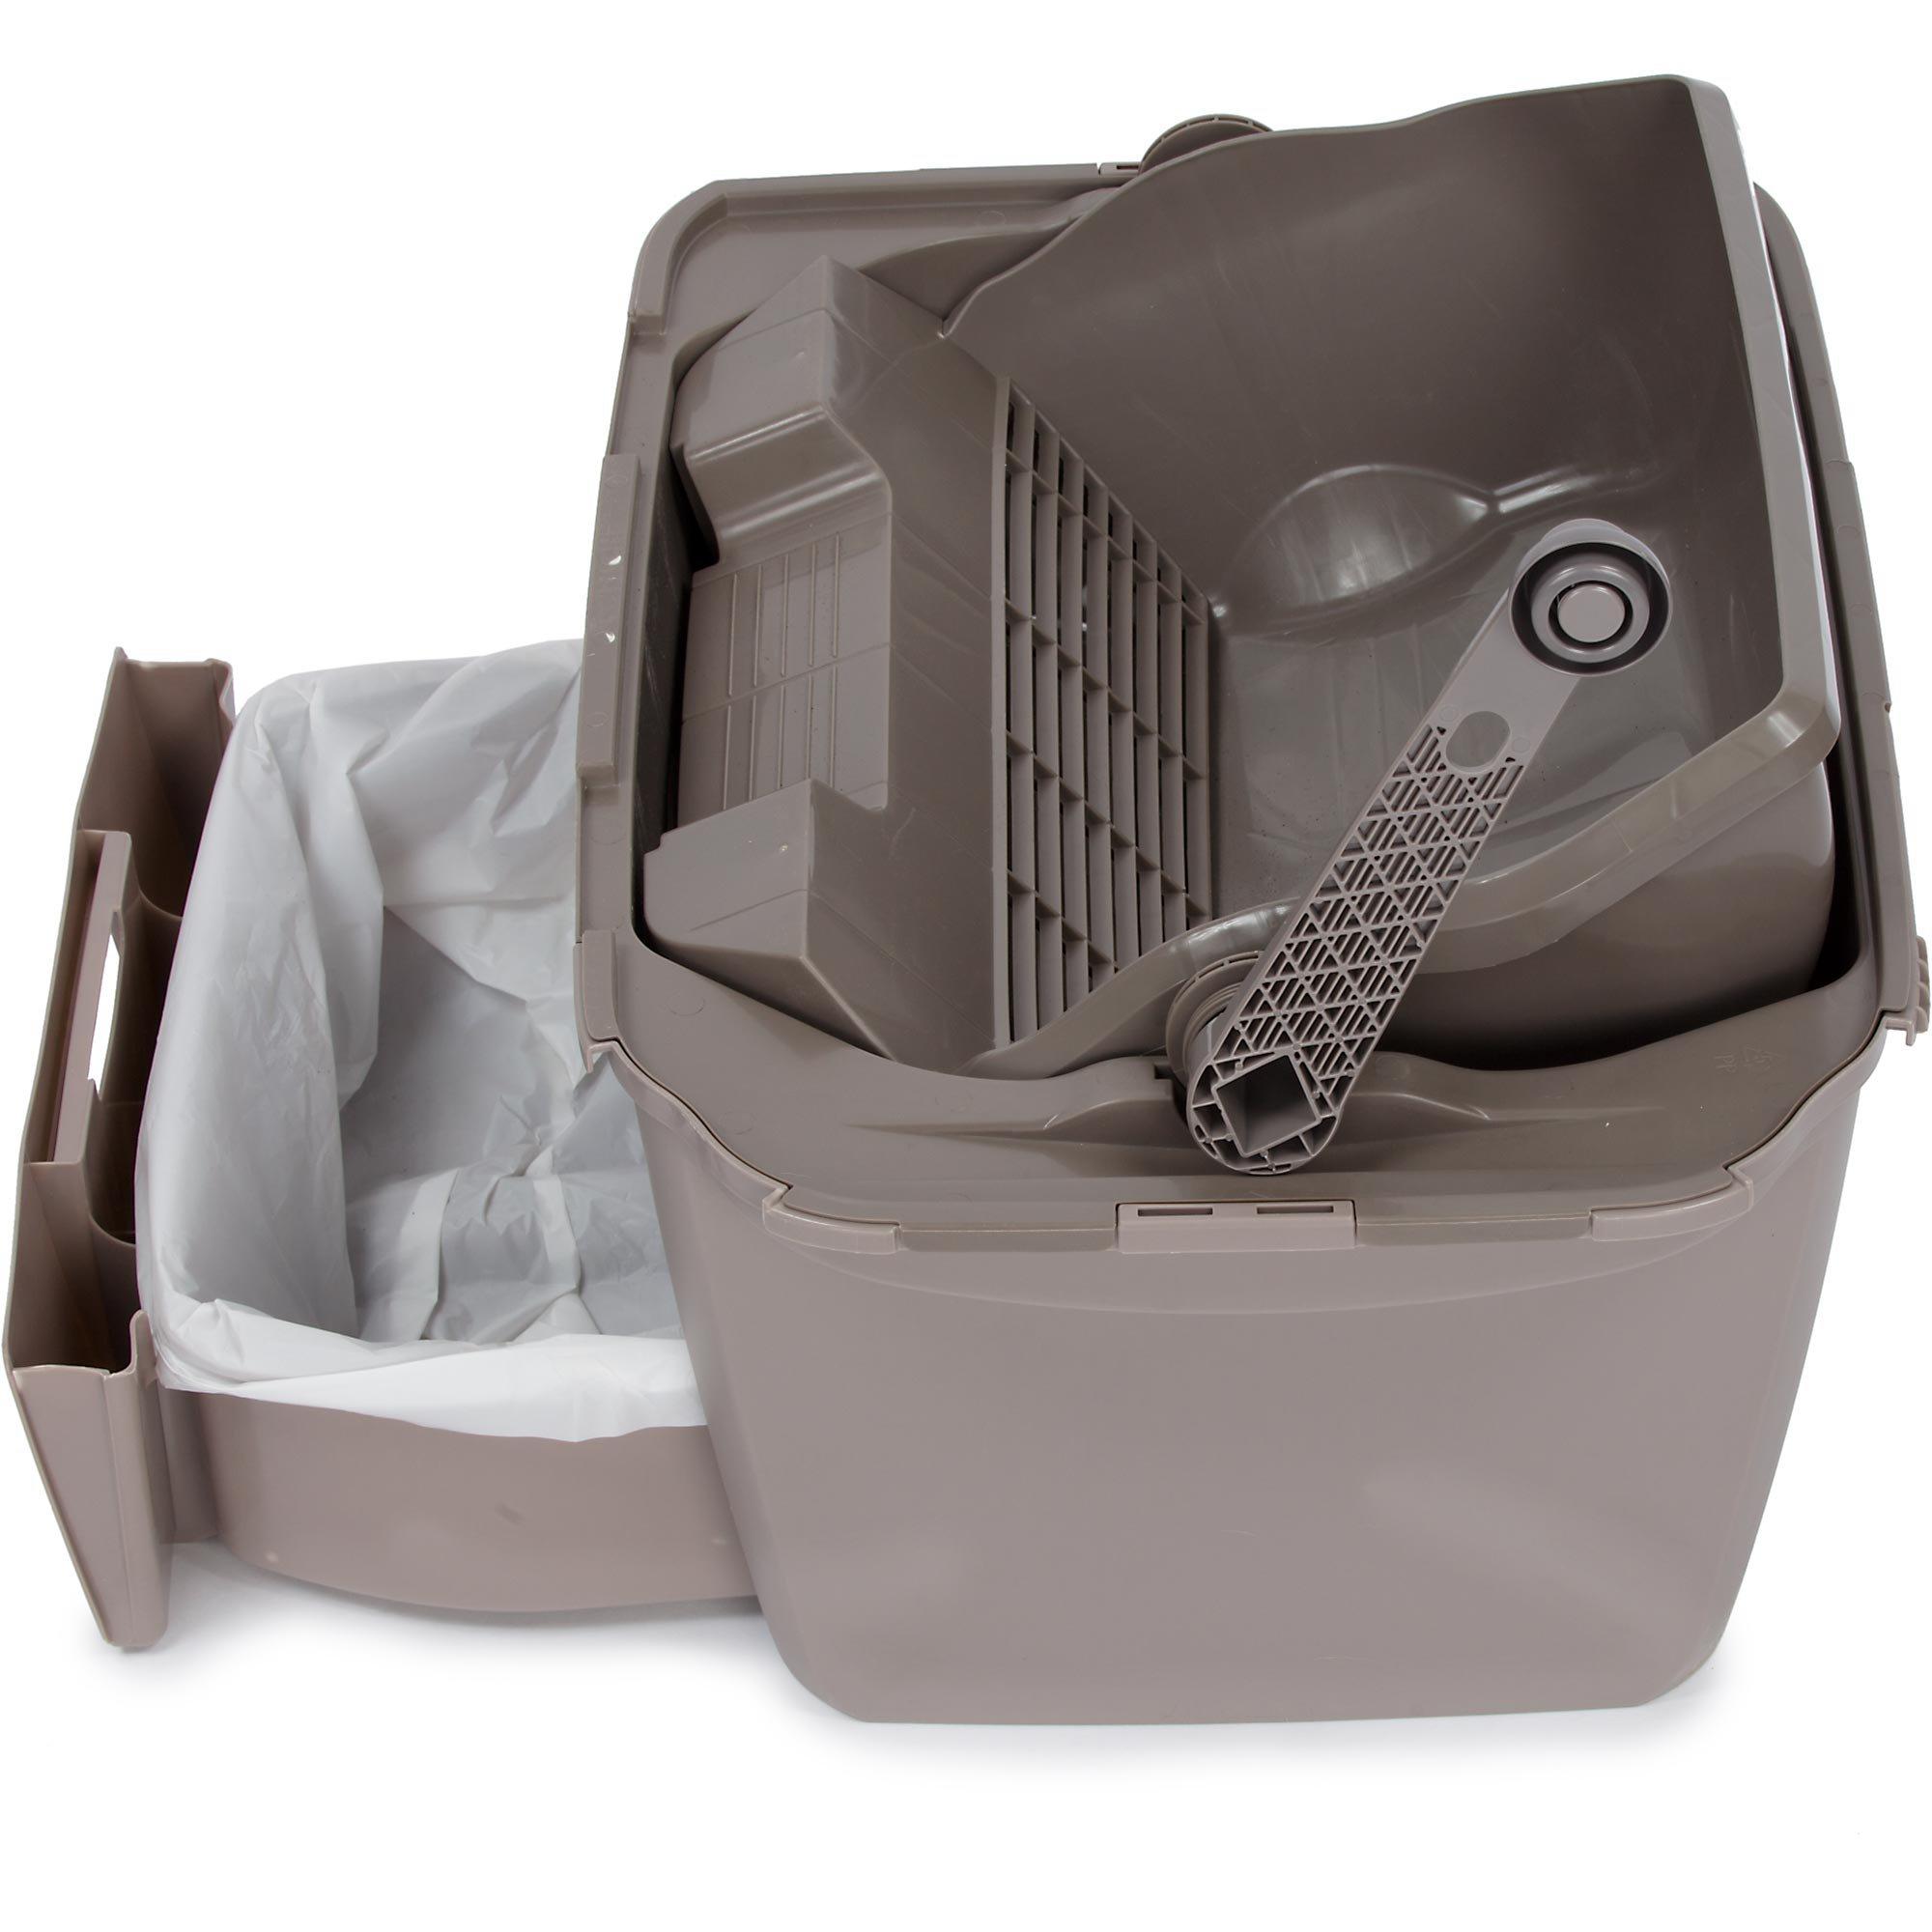 Litter Box For Cat Carrier